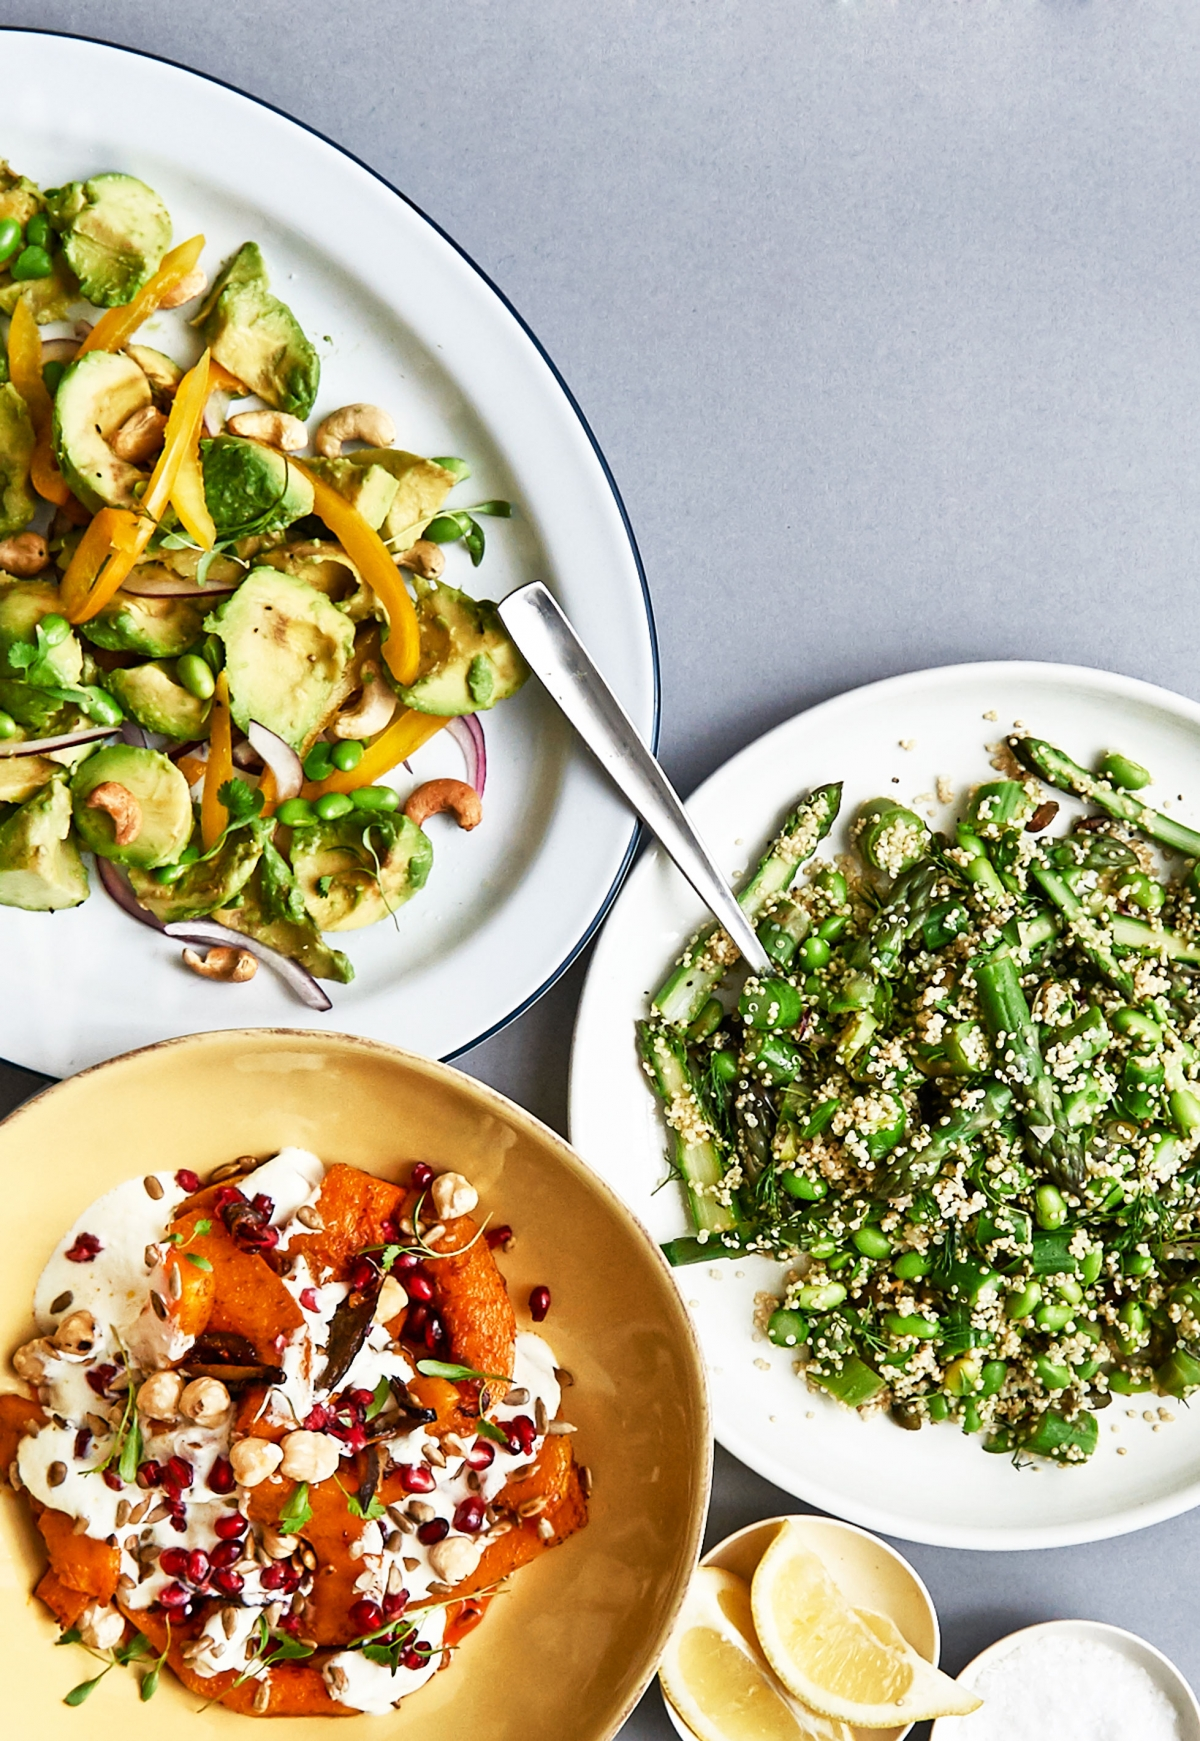 Healthy restaurants to eat in